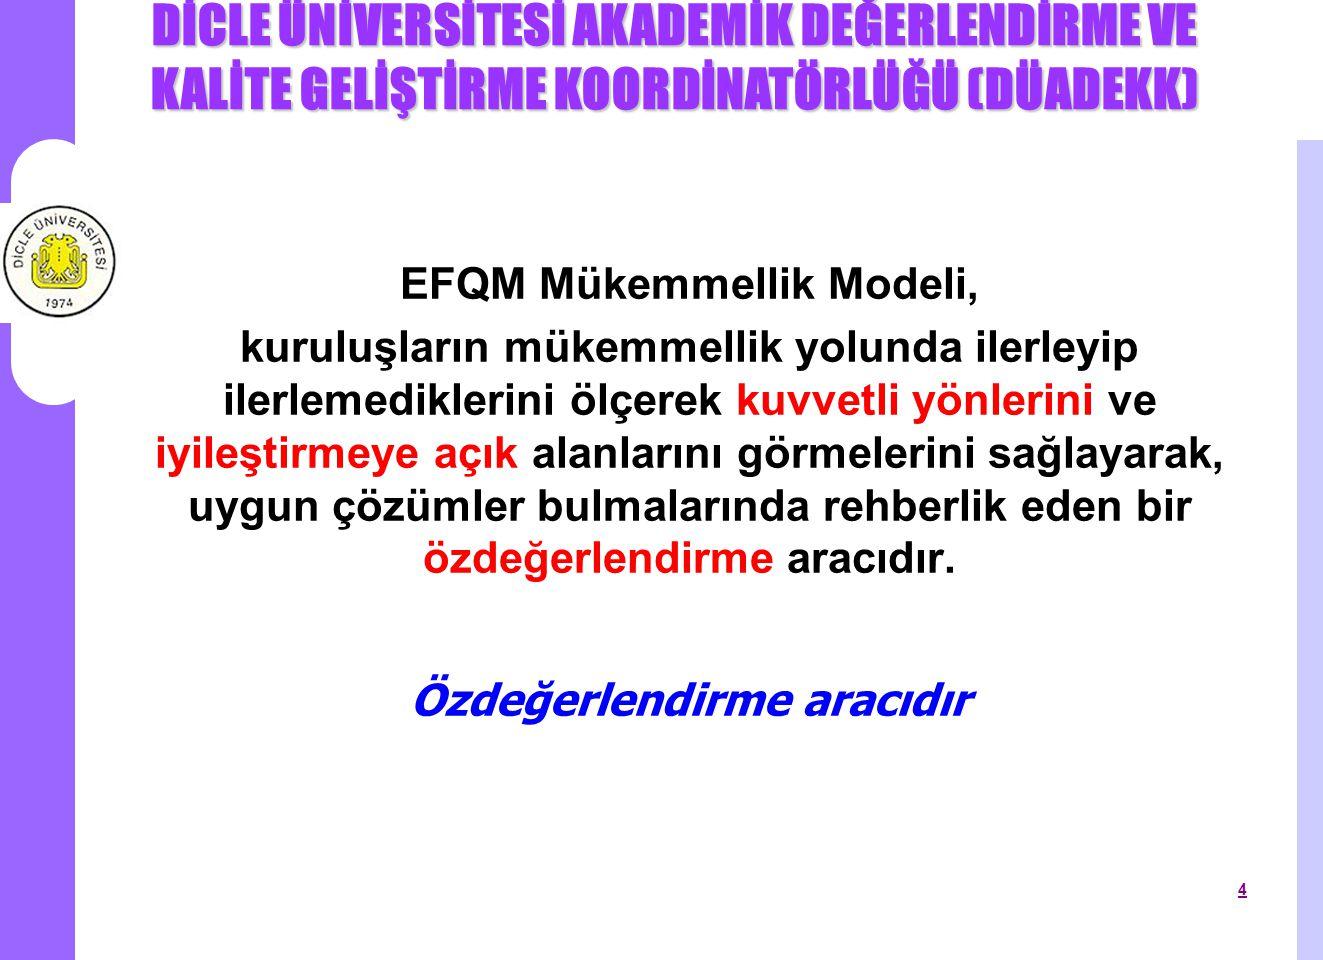 EFQM Mükemmellik Modeli, Özdeğerlendirme aracıdır